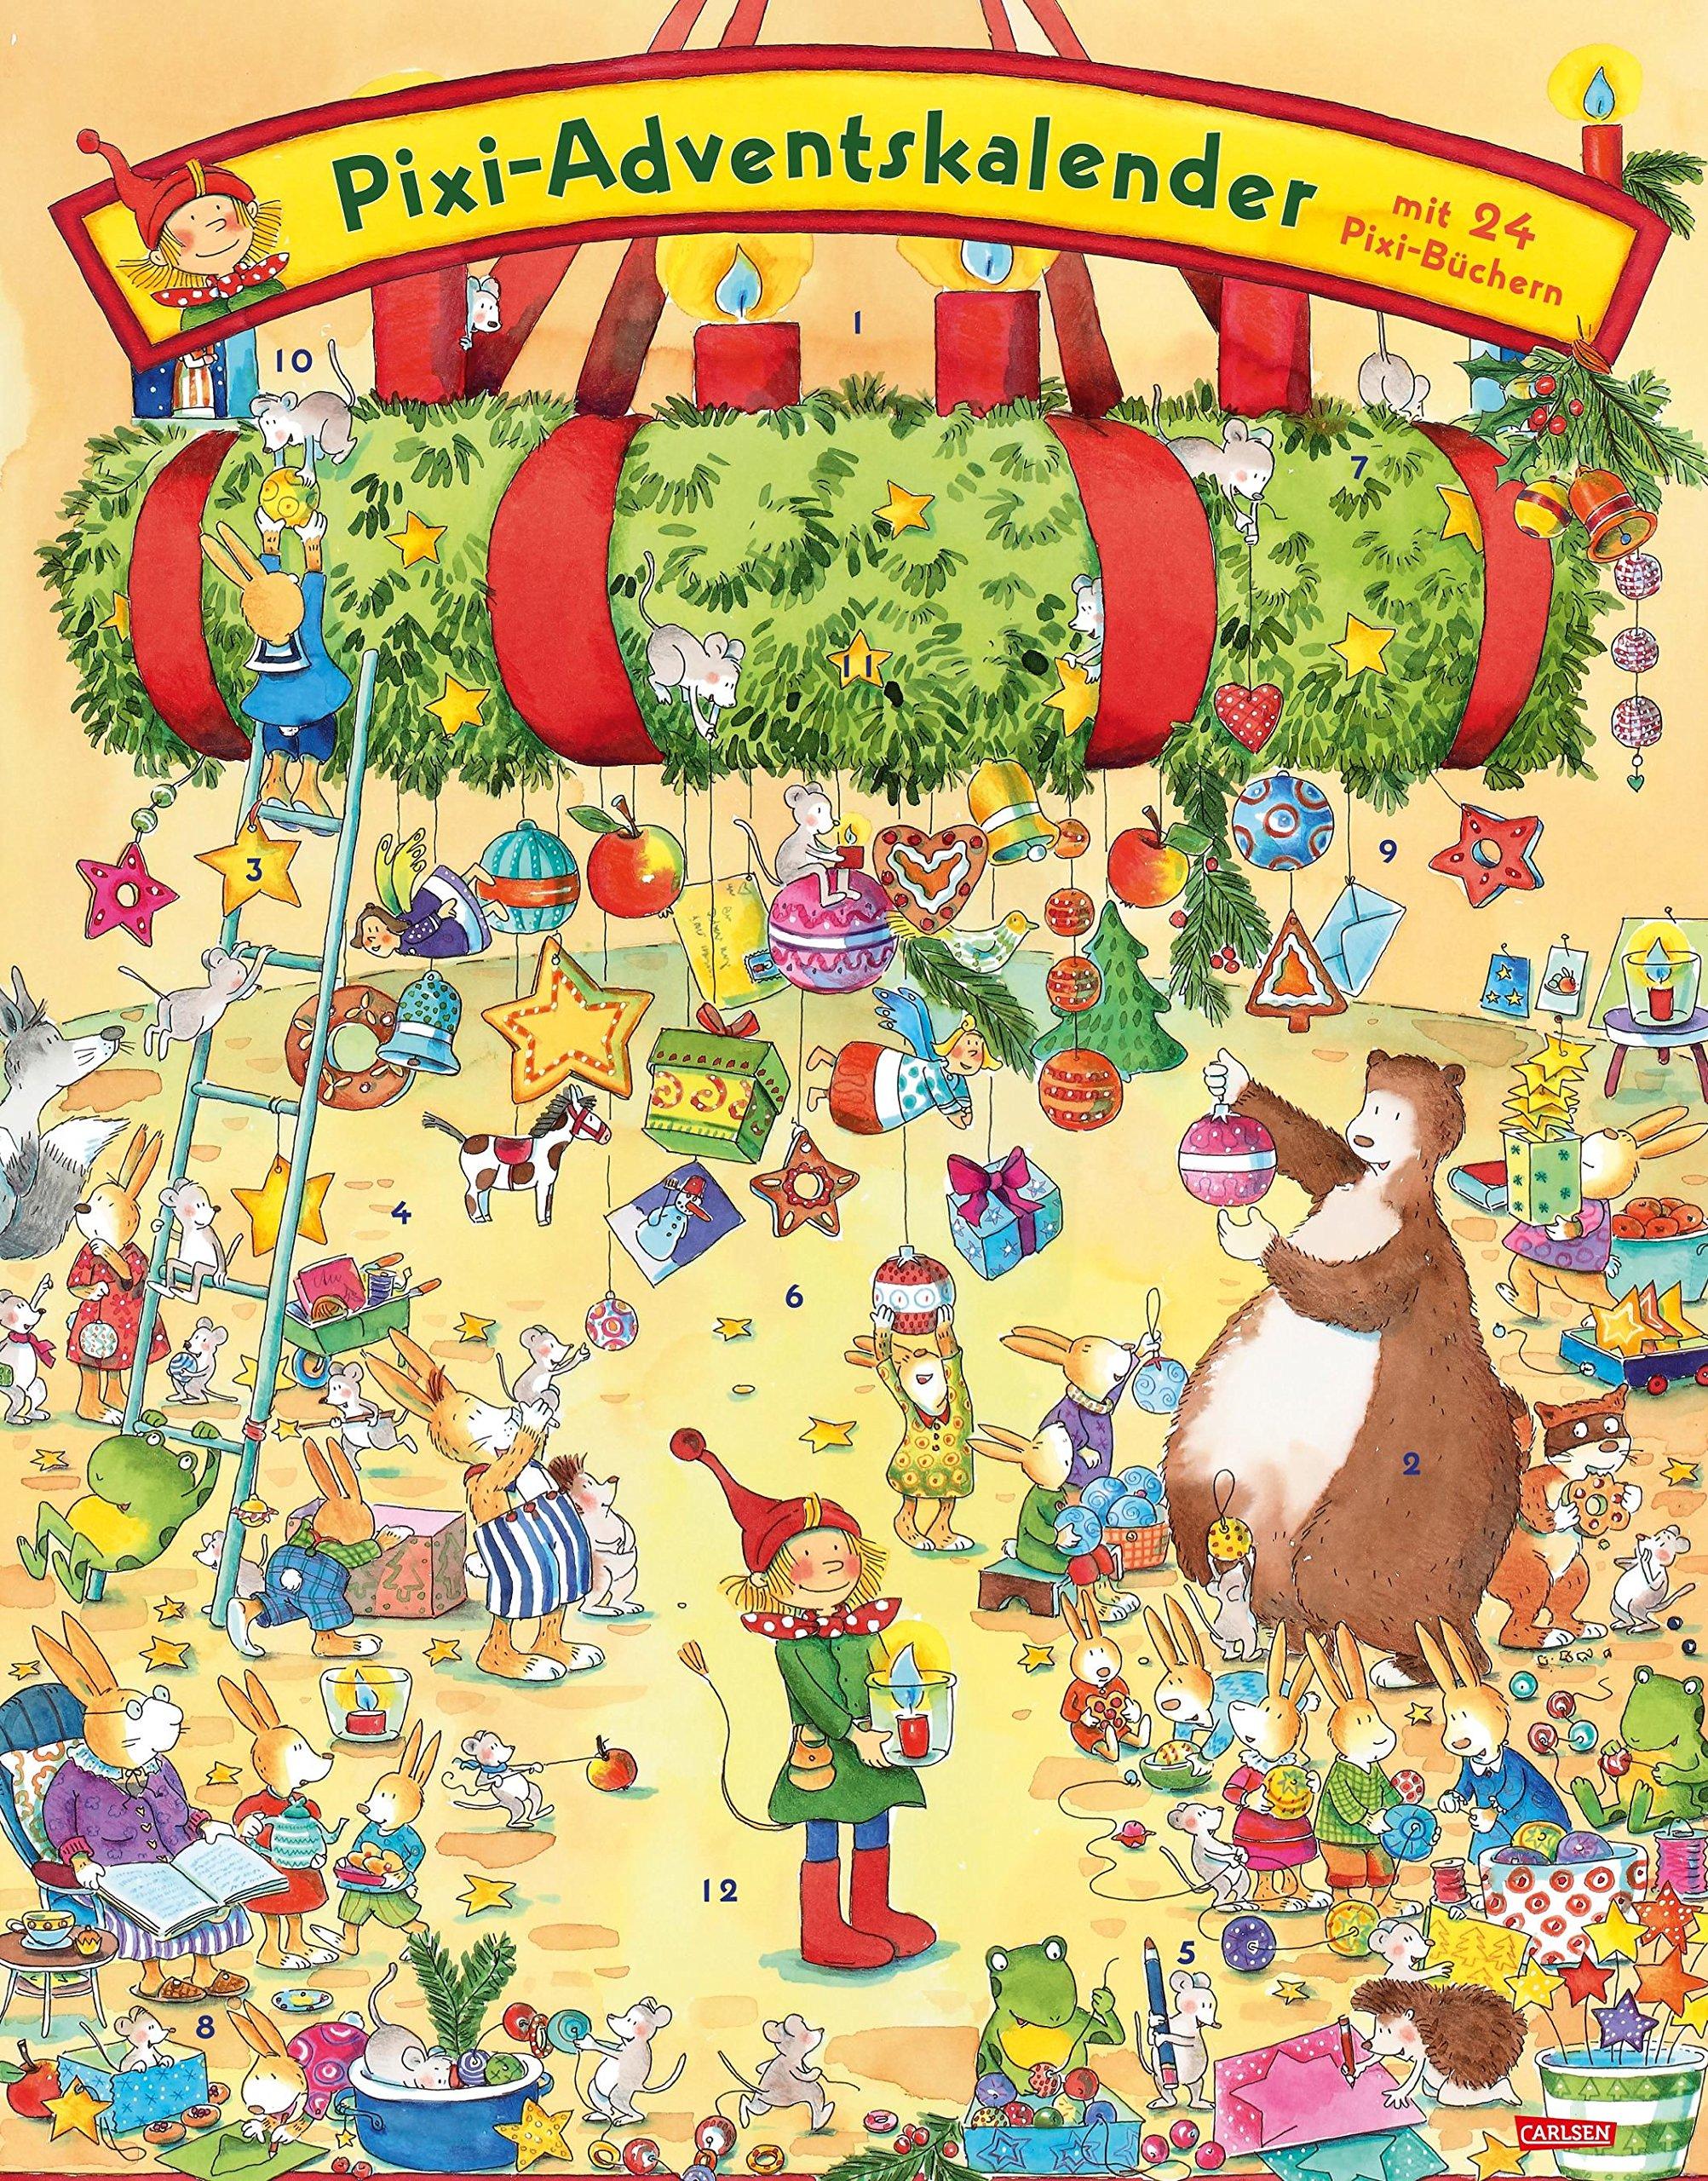 Pixi Adventskalender 2018: Adventskalender mit 22 Pixi-Büchern und 2 Maxi-Pixi Kalender – 25. Juli 2018 diverse Carlsen 3551041601 JUVENILE FICTION / General